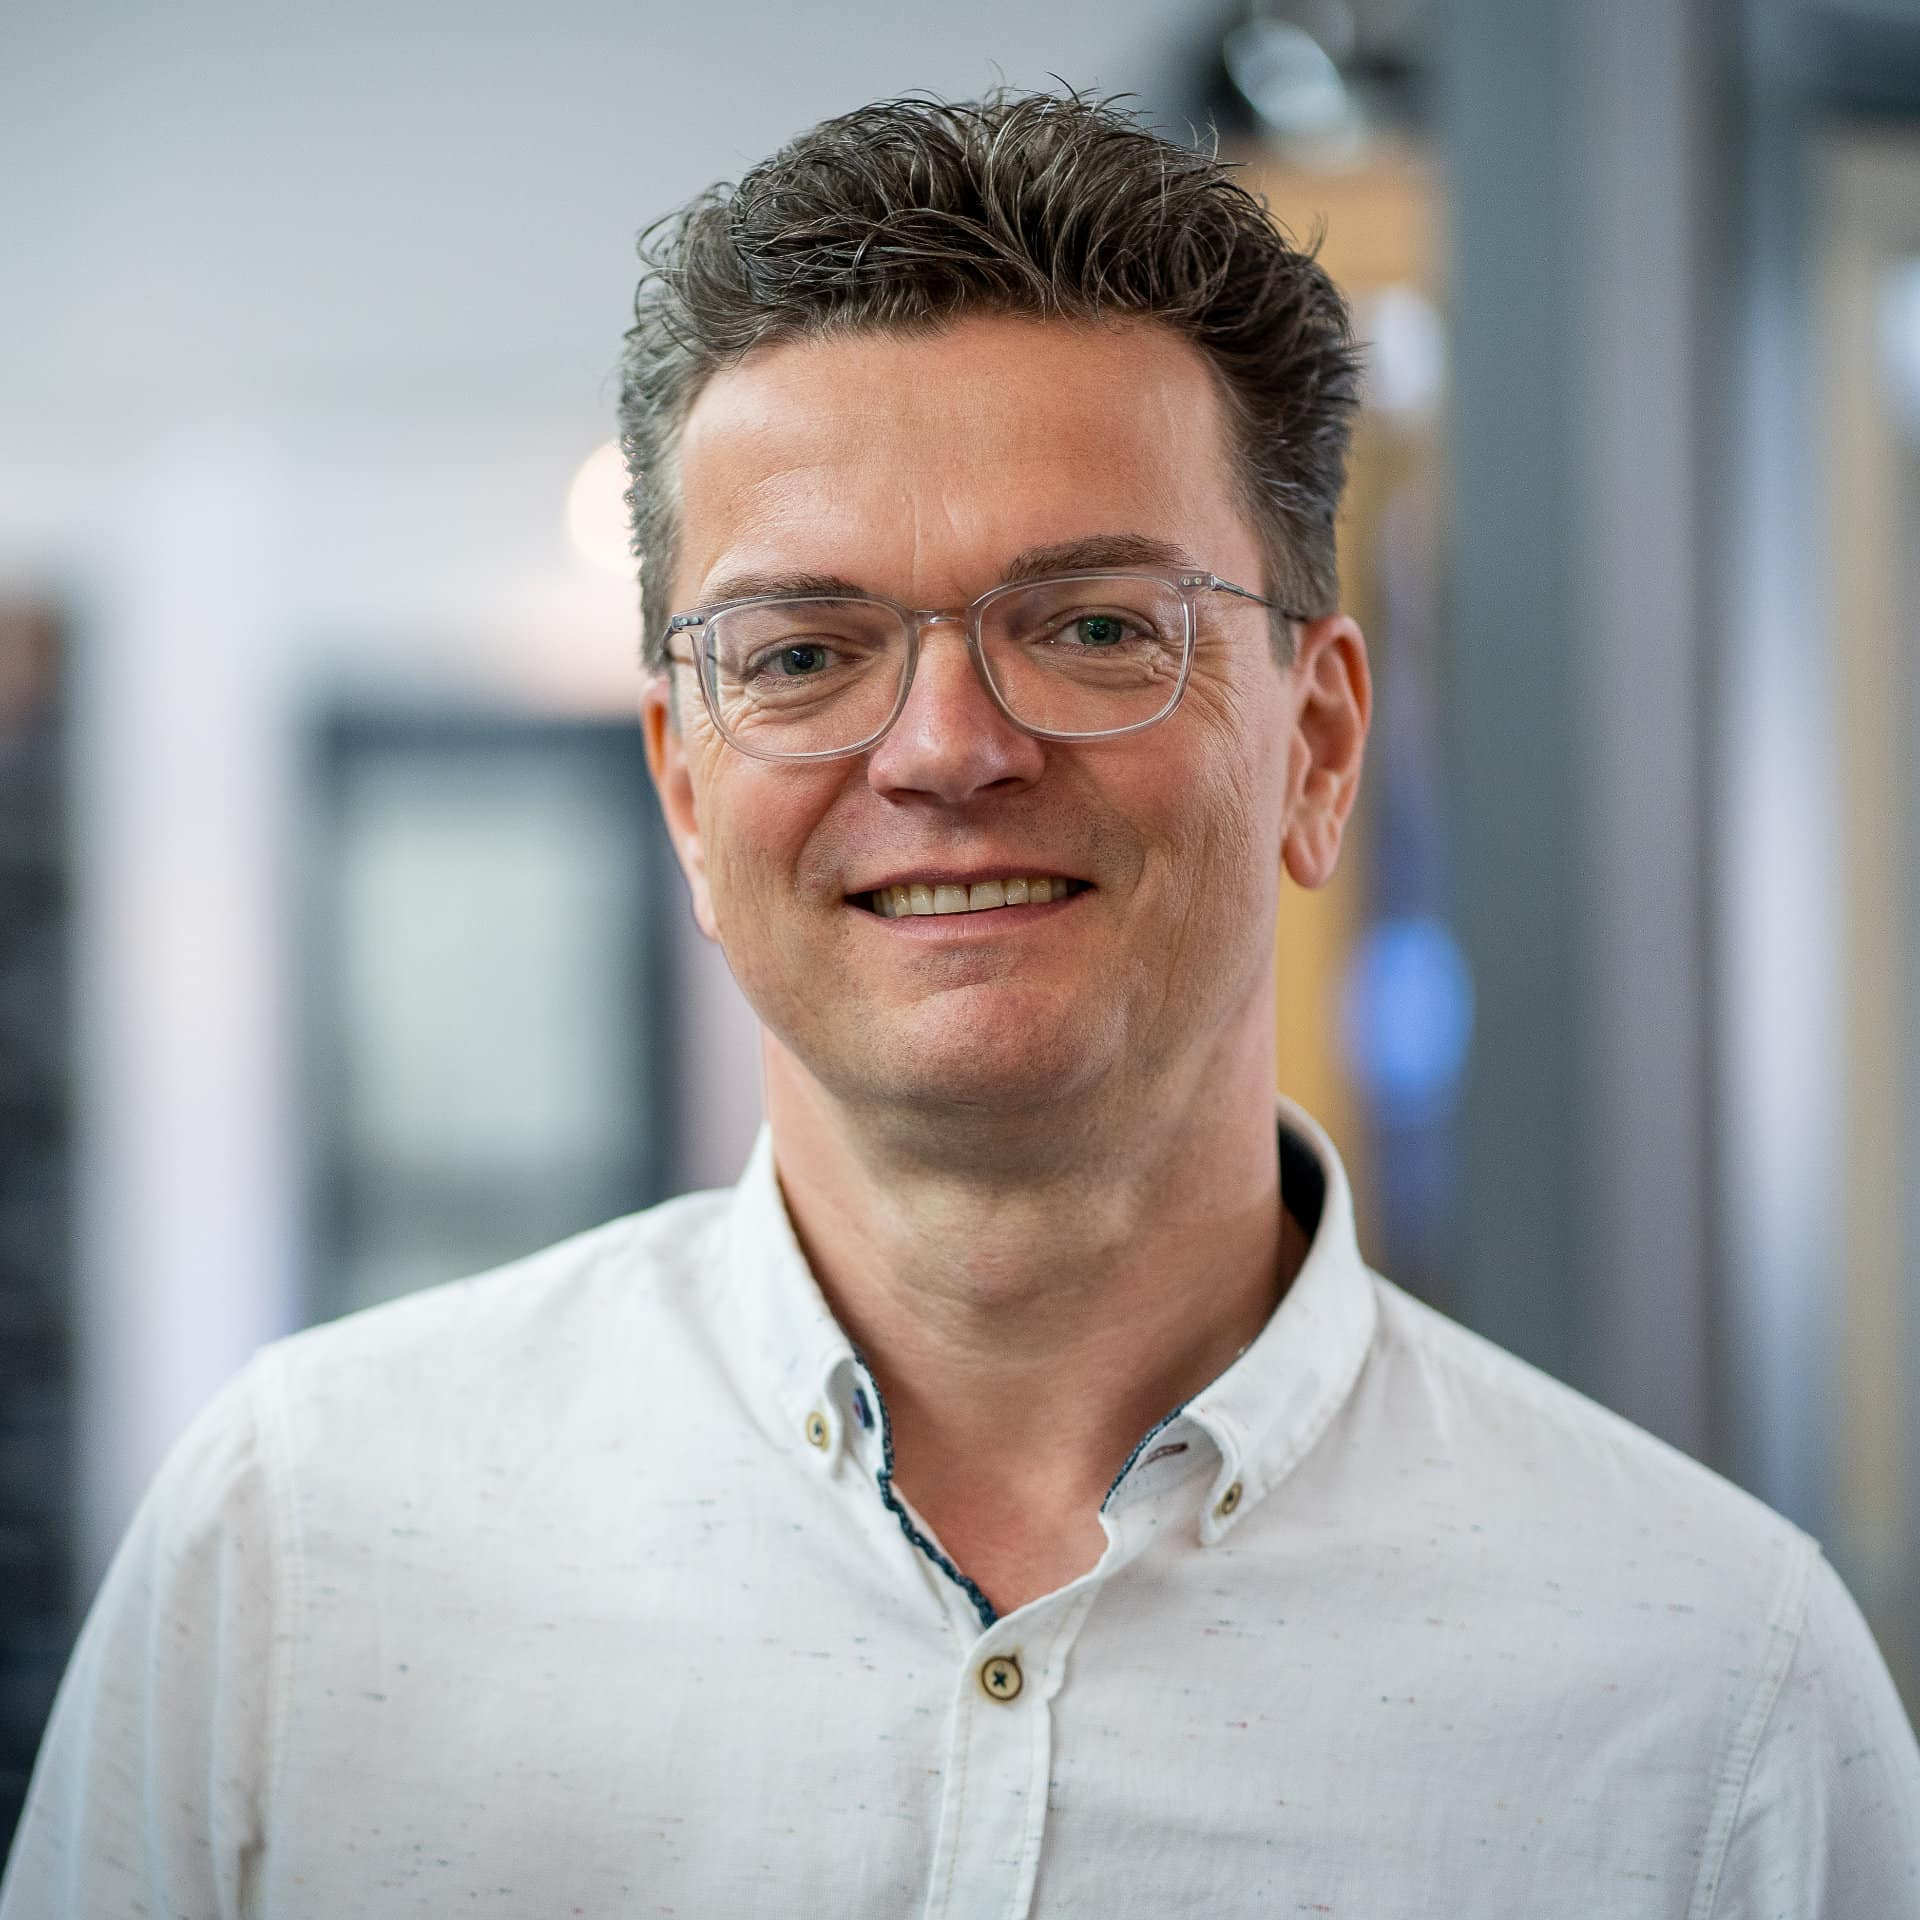 Mario Rumpfinger